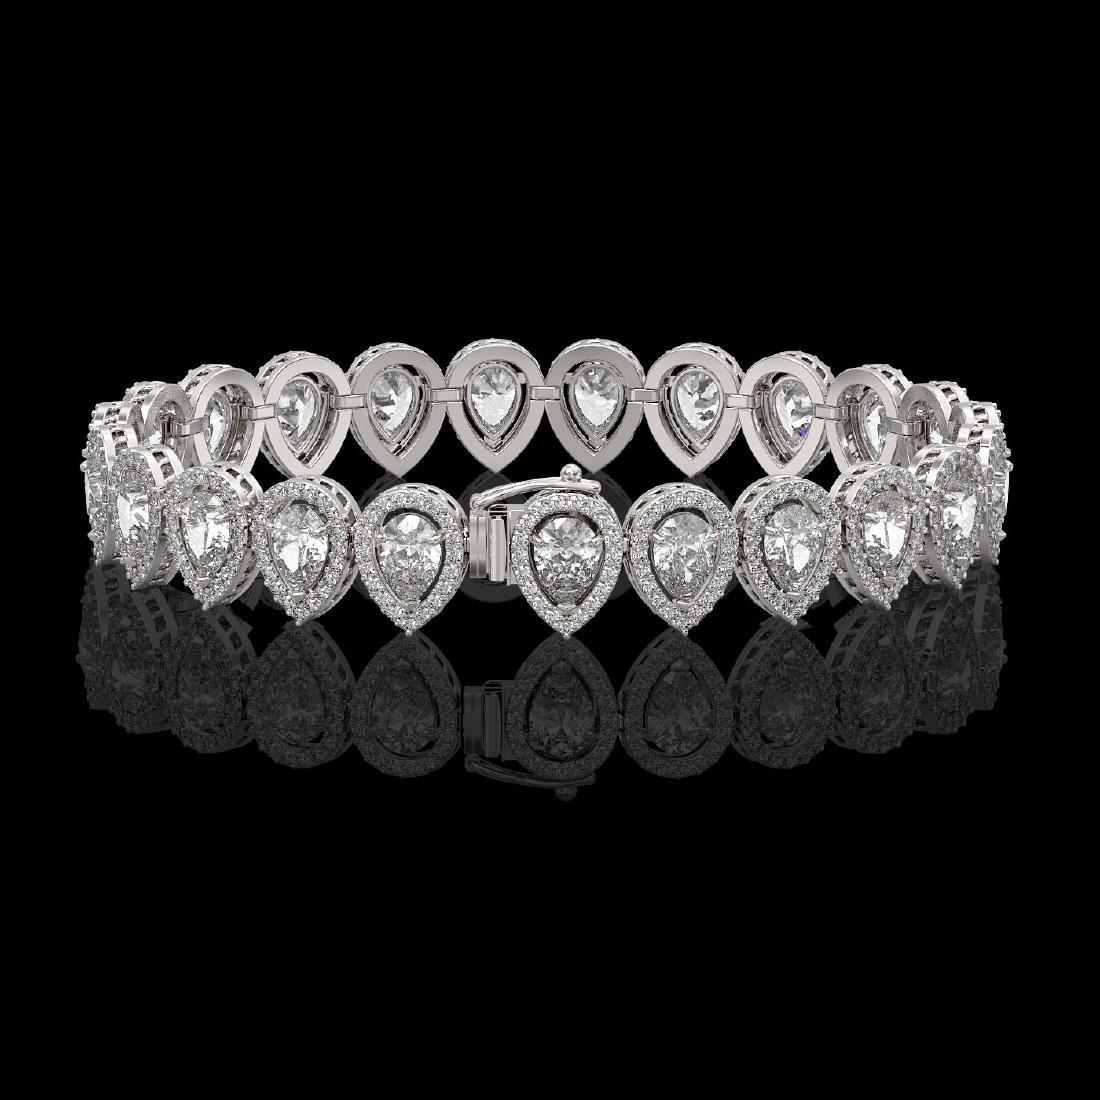 15.85 CTW Pear Diamond Designer Bracelet 18K White Gold - 2